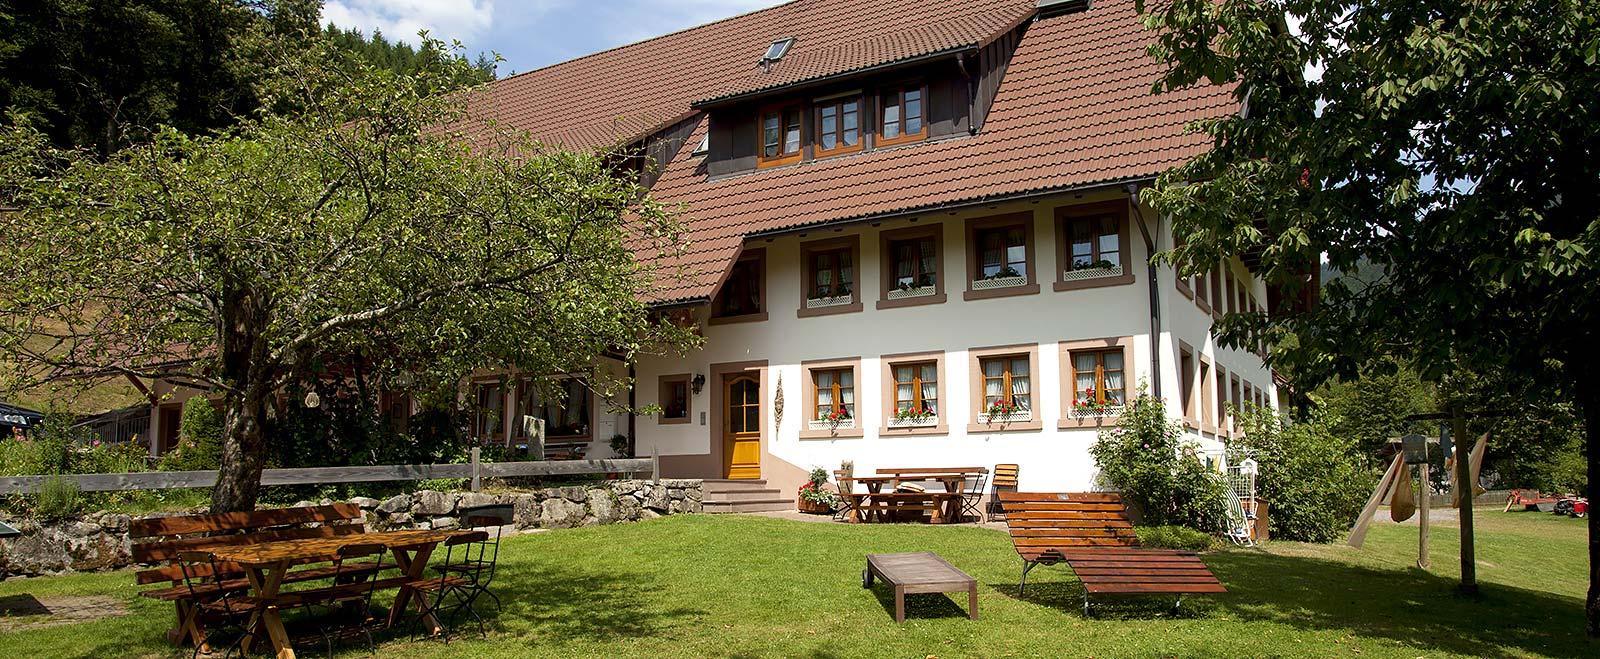 Schingerhof | 300-1.241 m ü. NN